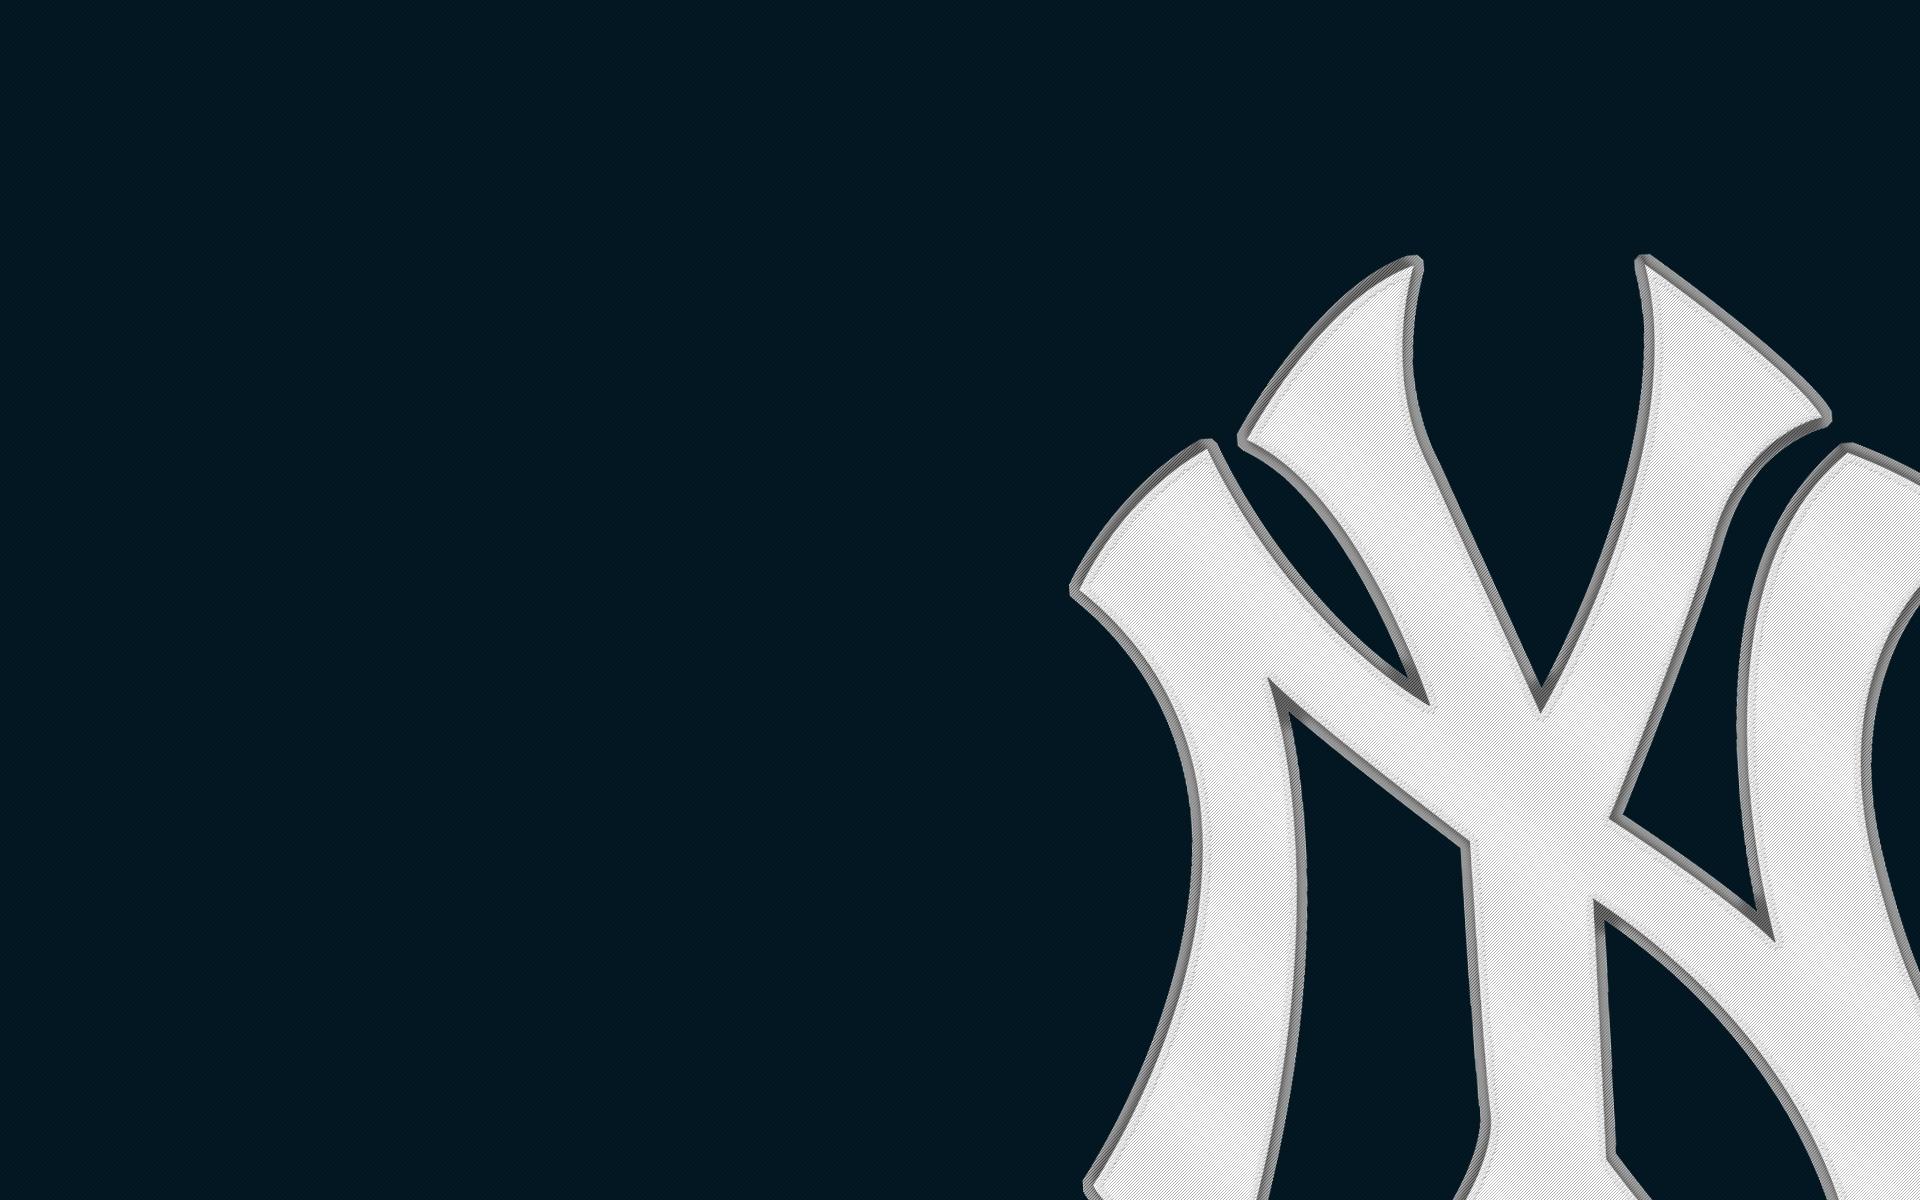 York Yankees Wallpaper   New York Yankees Wallpapers New York Yankees 1920x1200